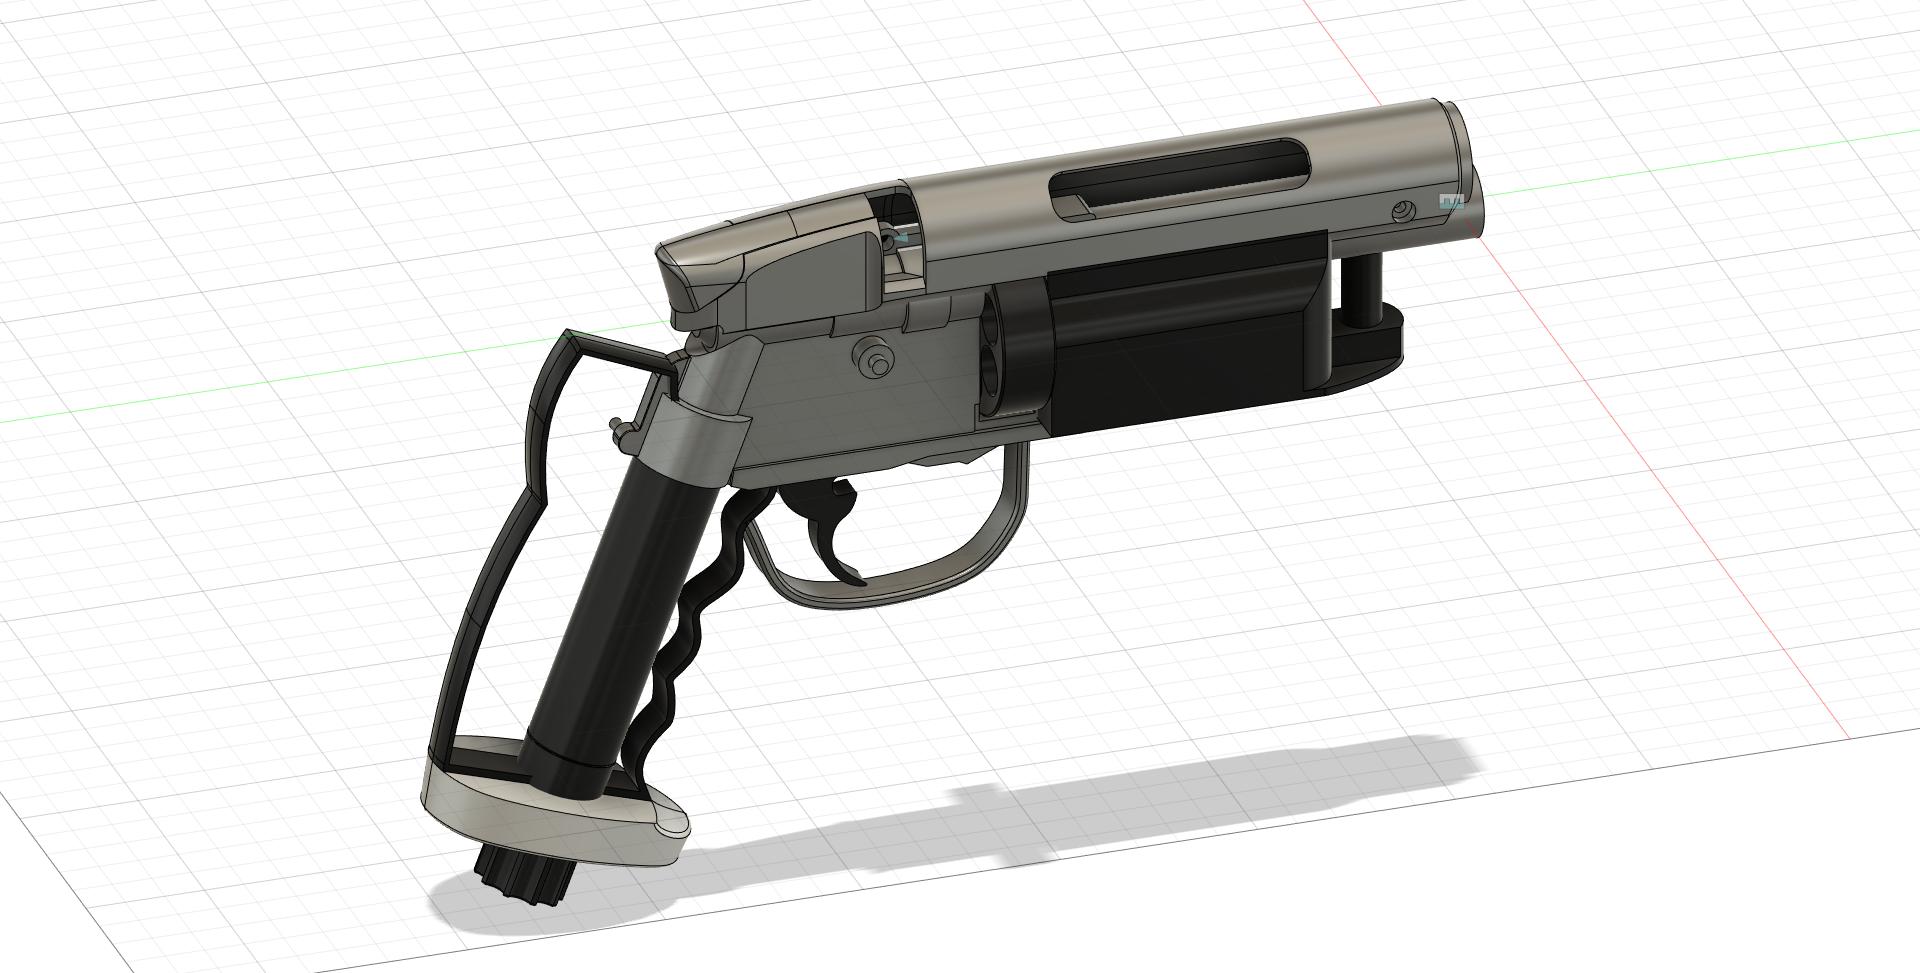 Umarex HDR 50 Hero Blaster v17.png